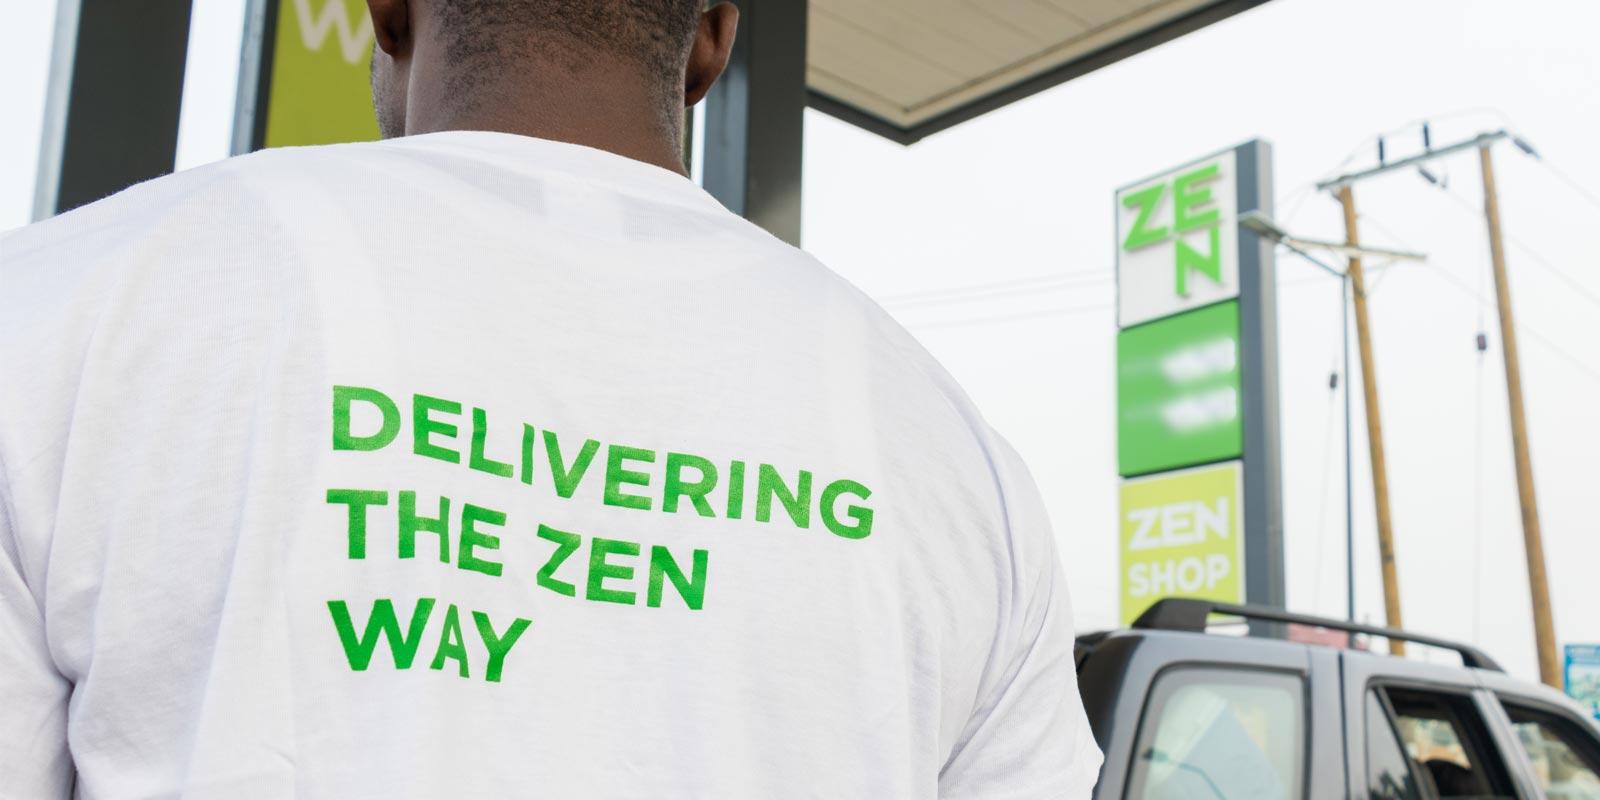 Delivering The ZEN Way